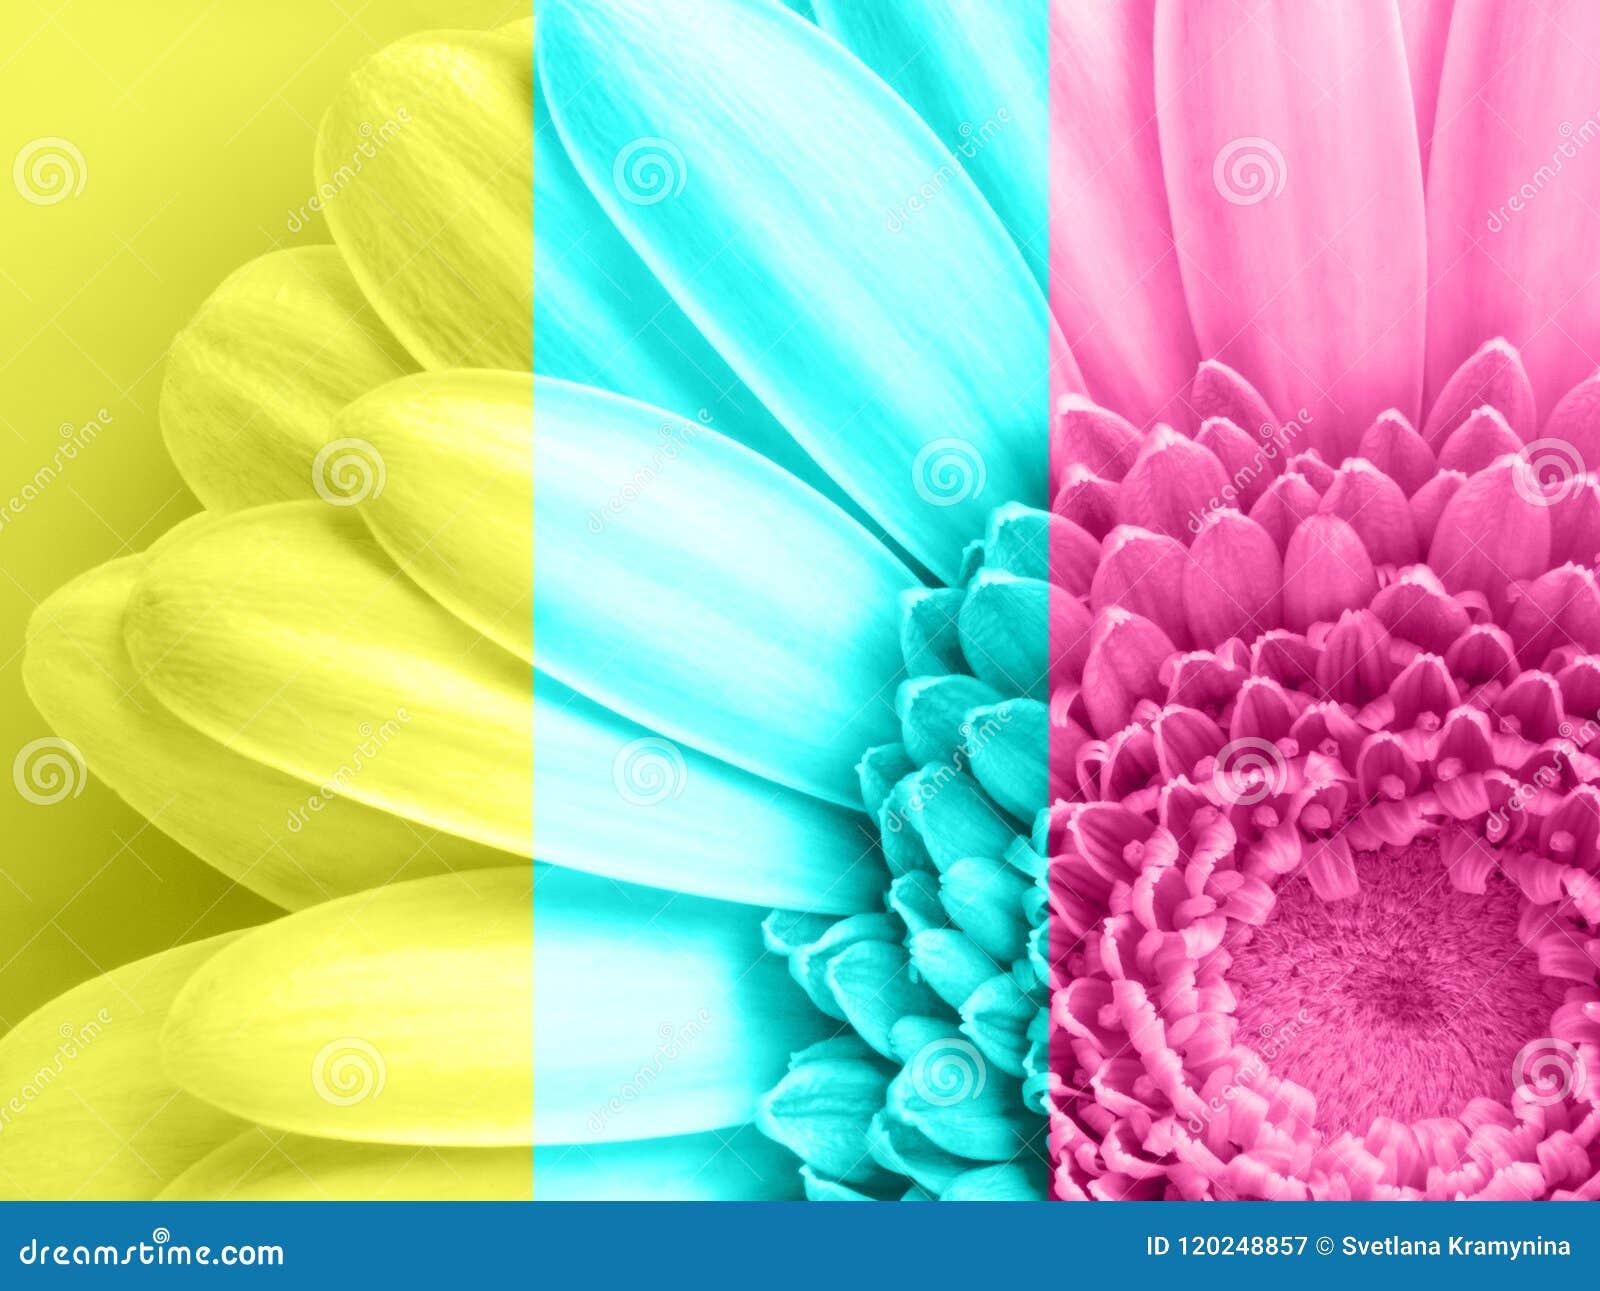 Beautiful Pink Gerbera Flower In Macro Closeup Pastel Color